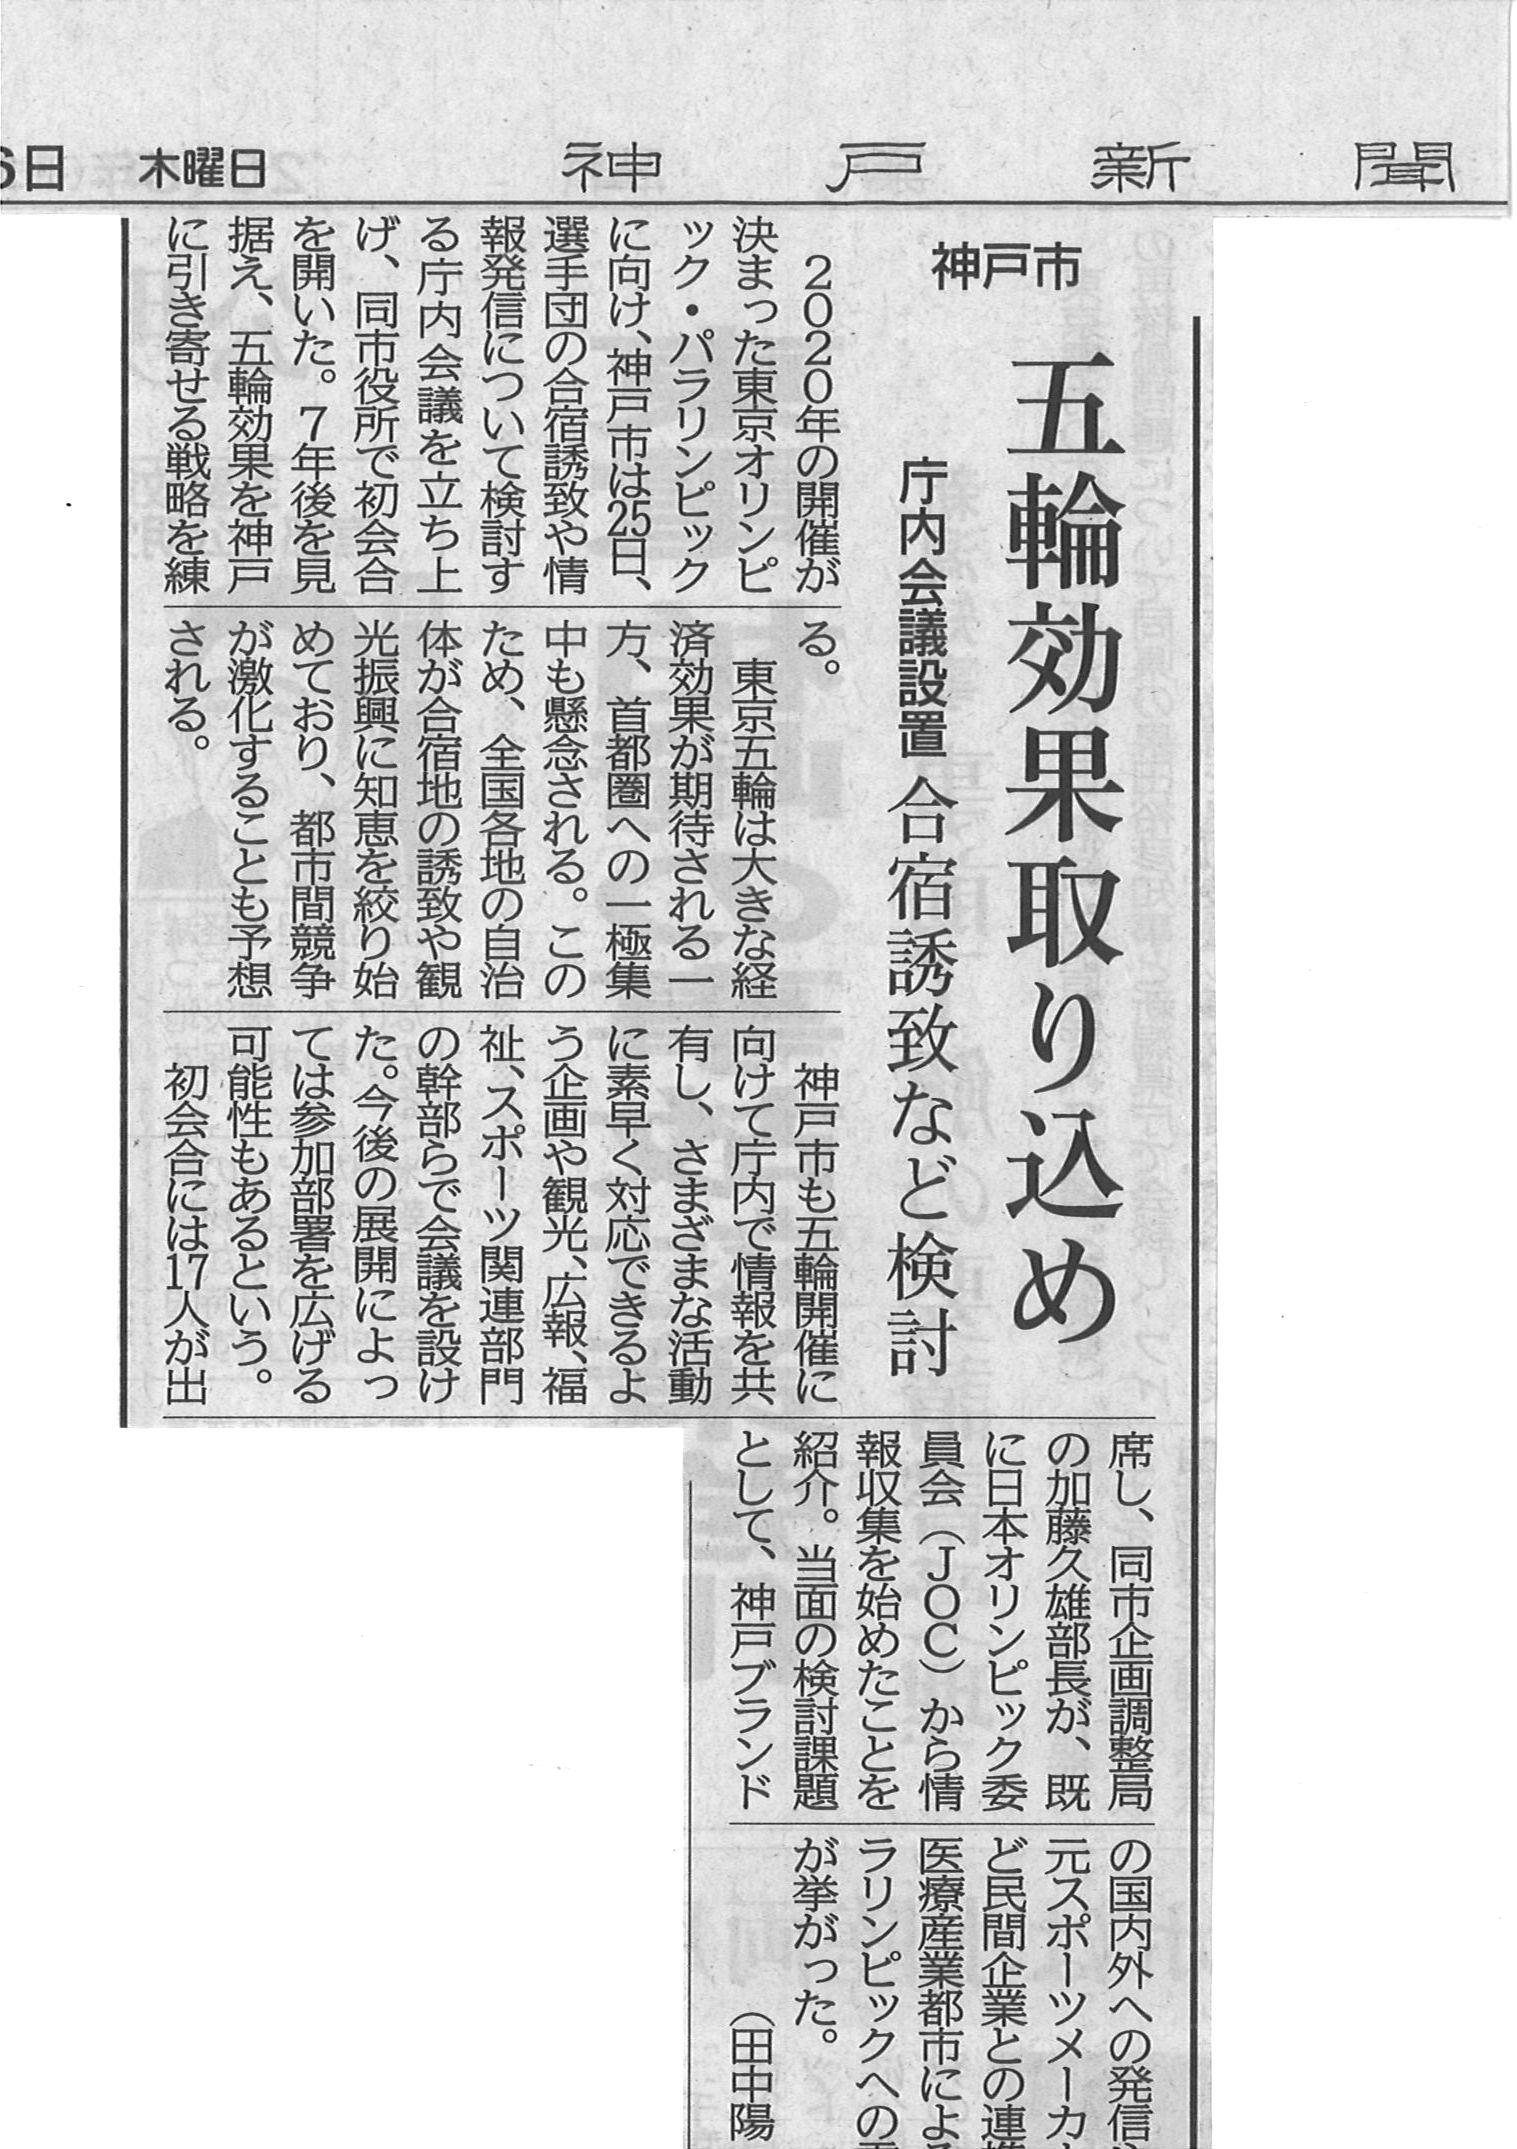 東京オリンピックの選手団を神戸に誘致しよう。_c0148581_10243597.jpg